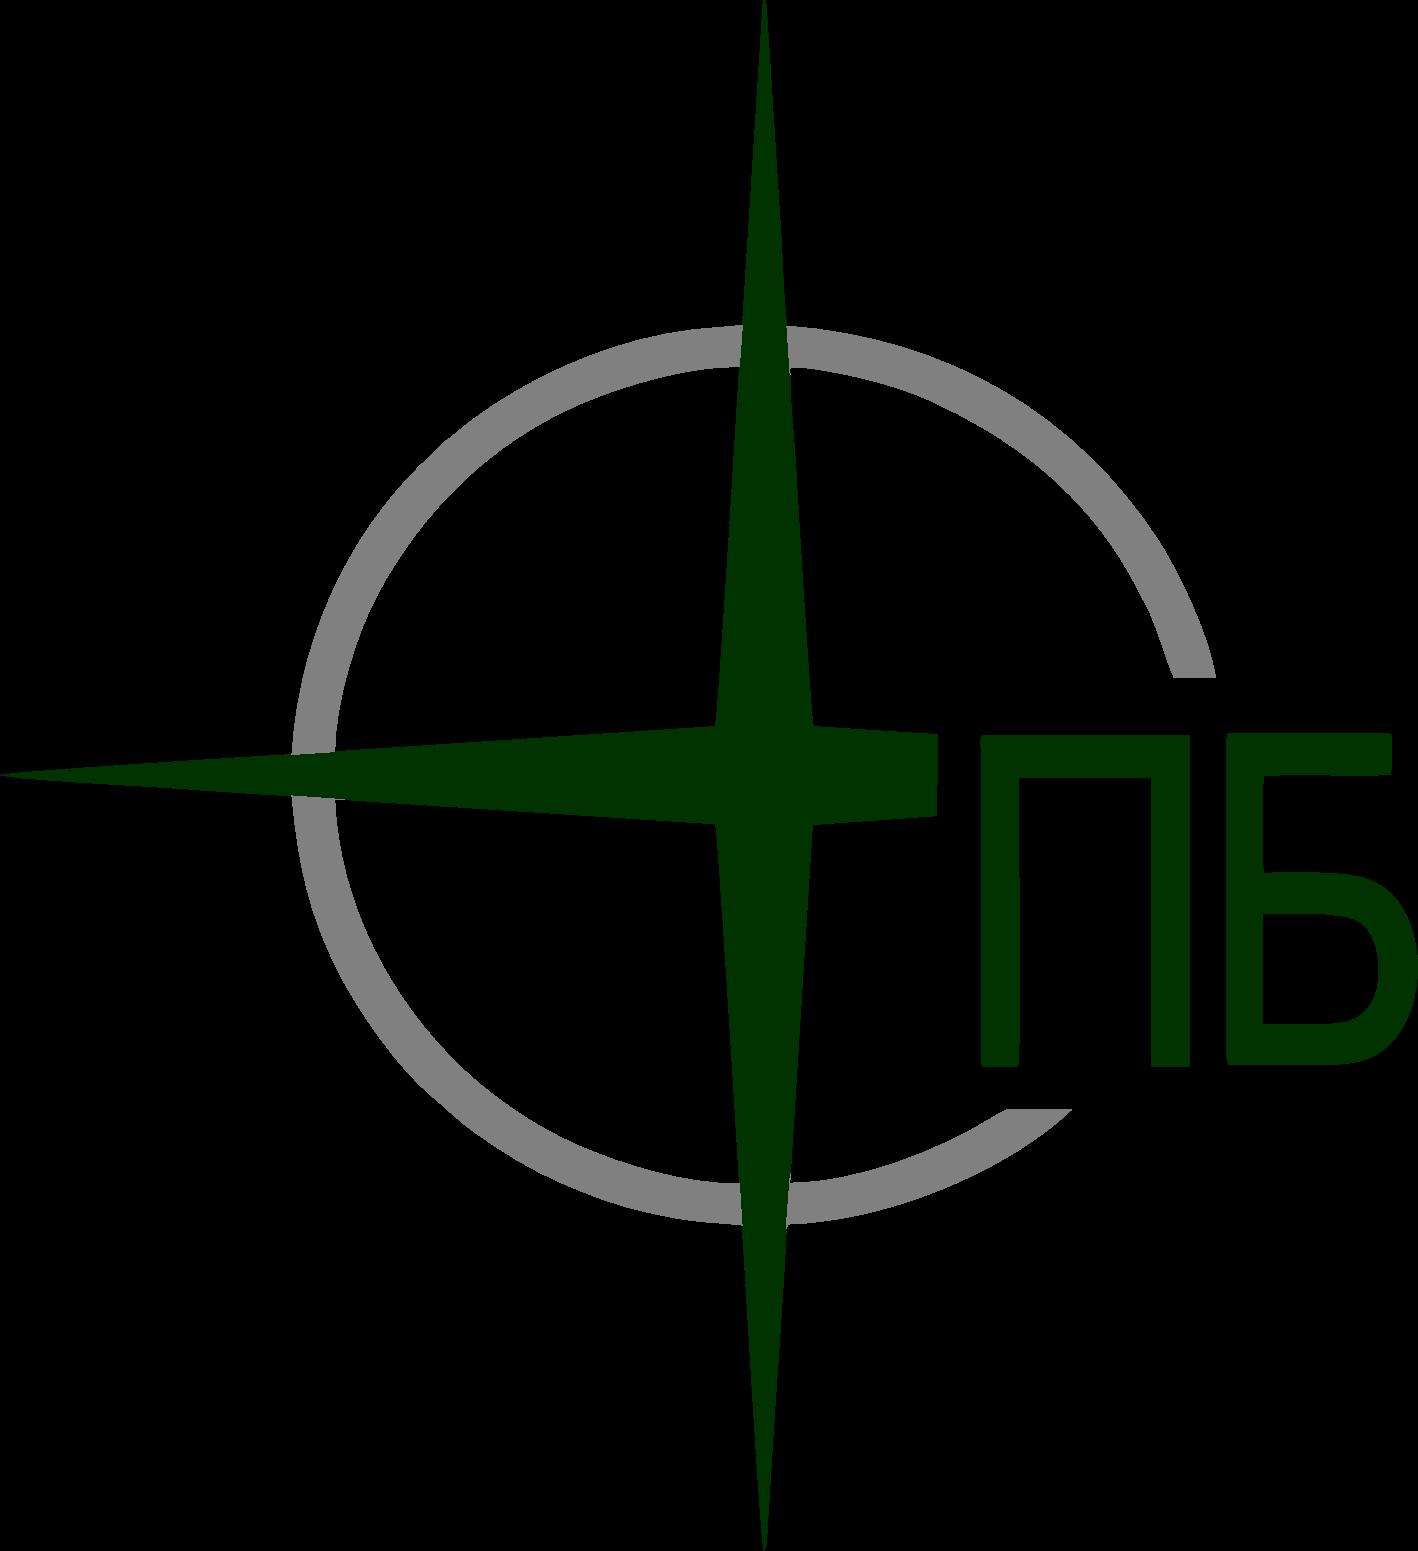 вакансии эколог в санкт-петербурге без опыта работы